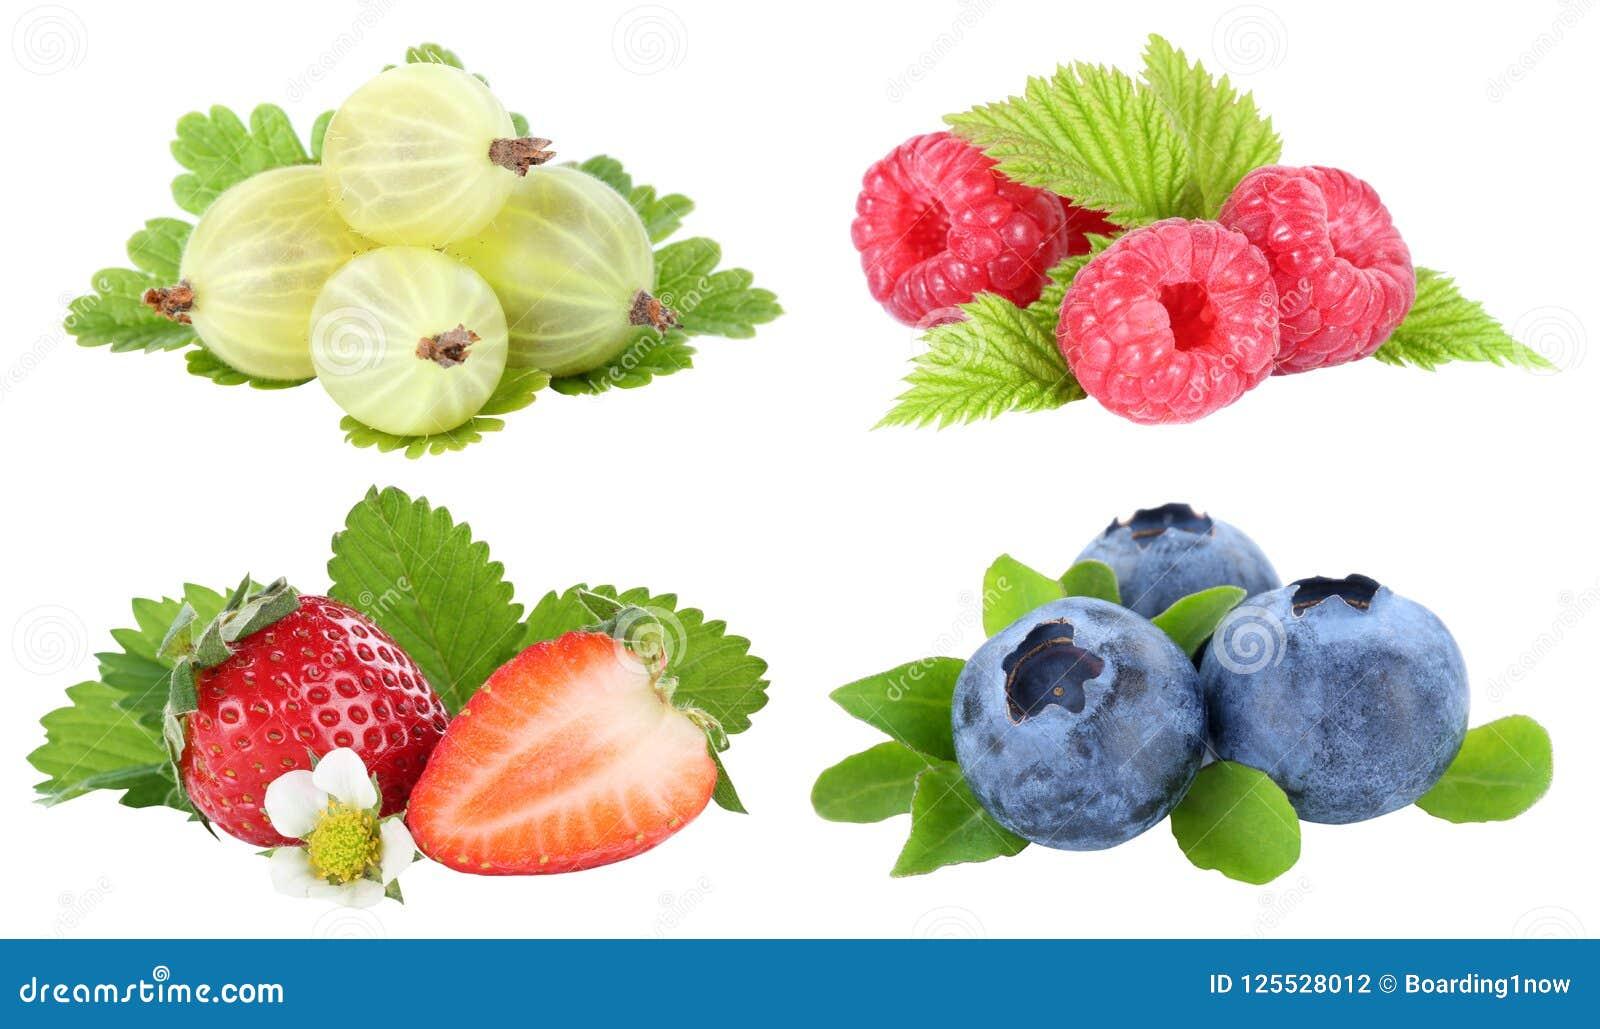 Собрание frui плодоовощей ягоды голубик клубник ягод